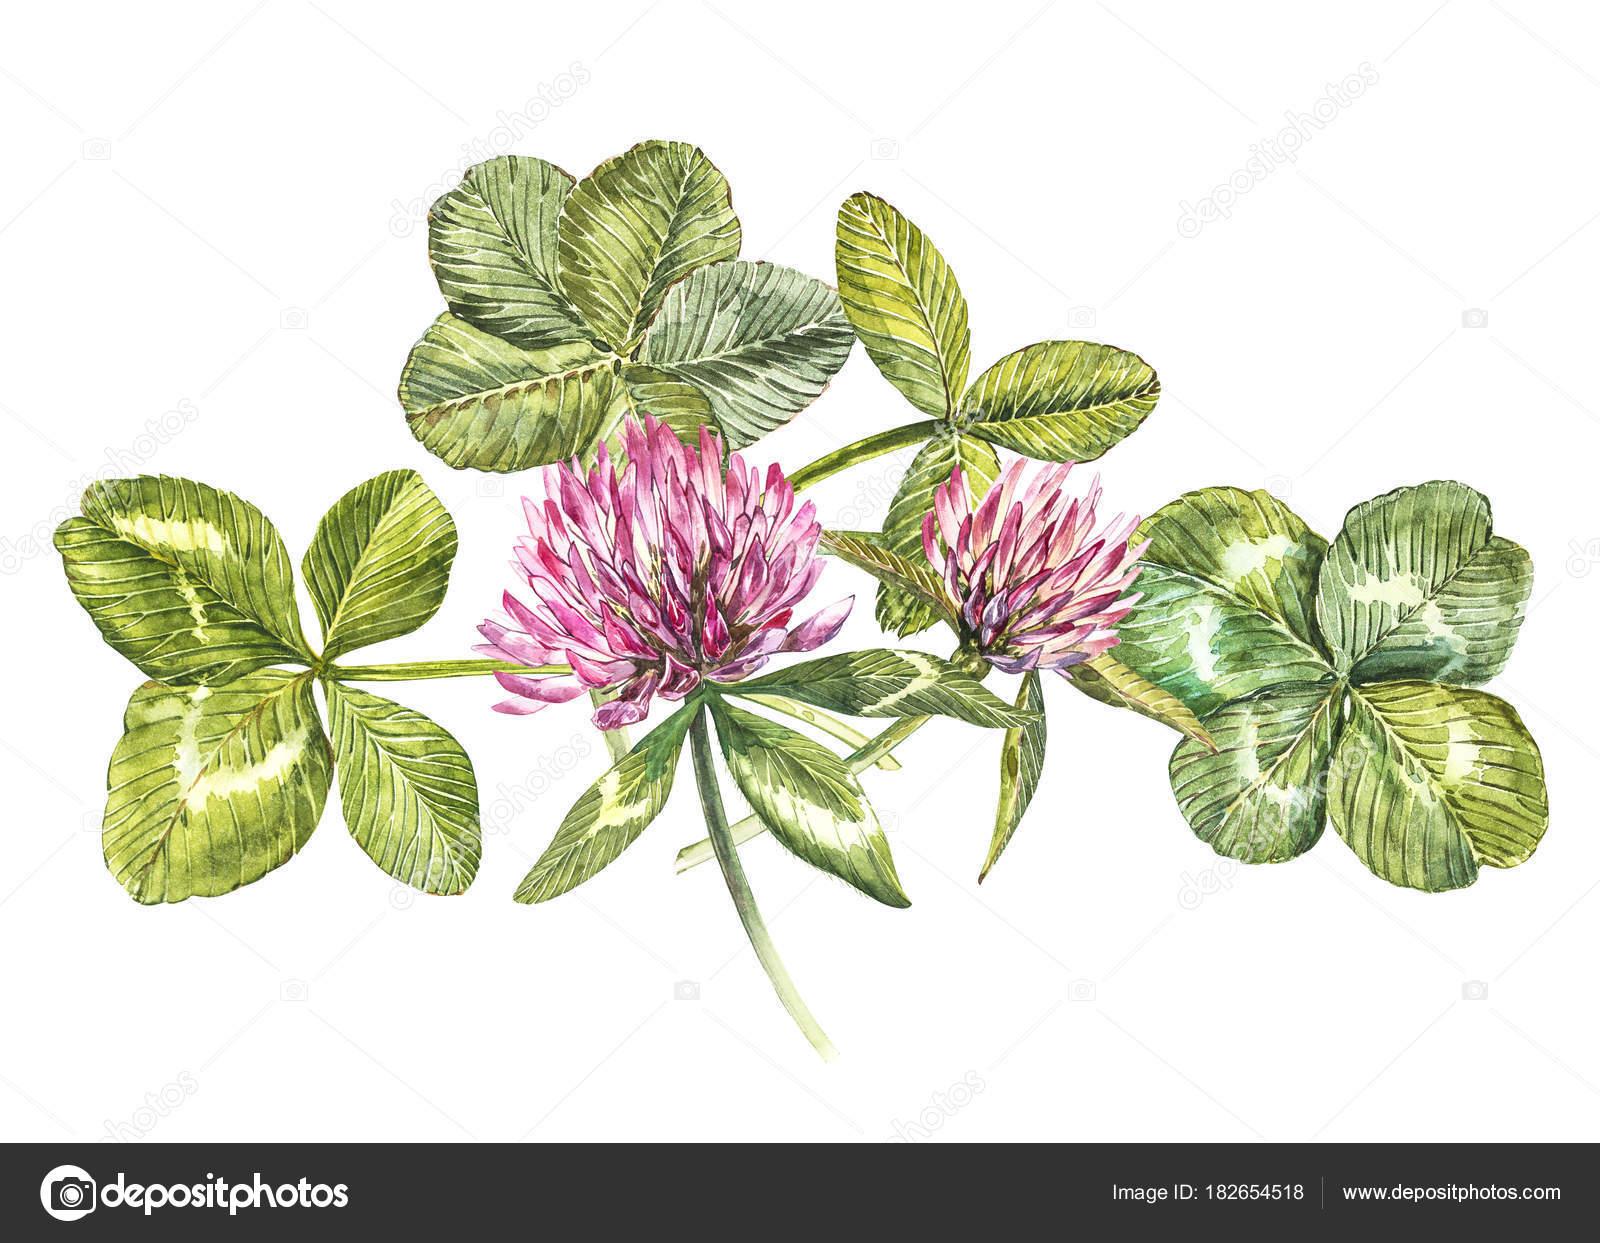 Una composizione di fiori di trifoglio rosso e foglie un - Immagini di quadrifoglio a quattro foglie ...